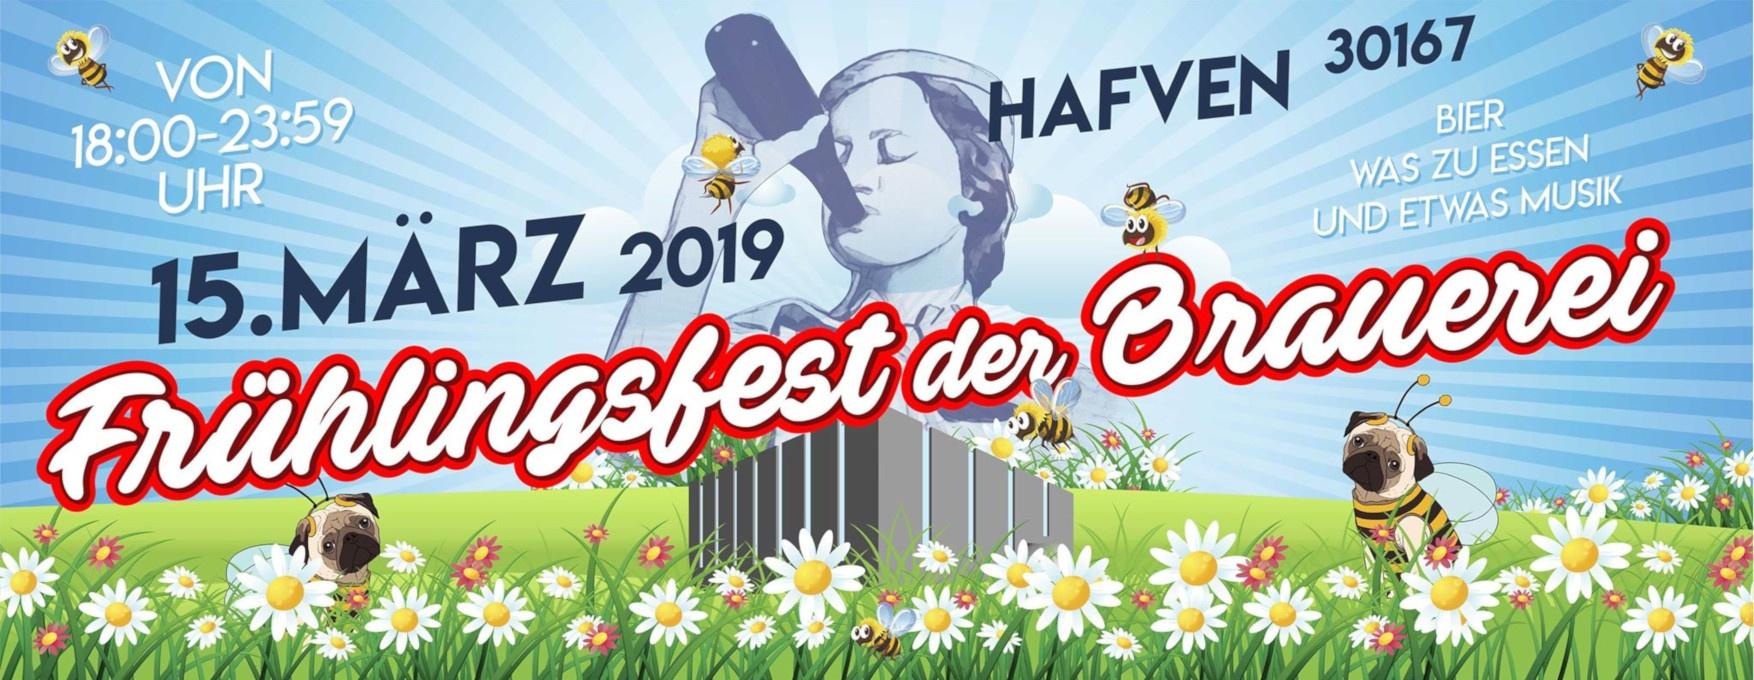 Frühlingsfest im Hafven